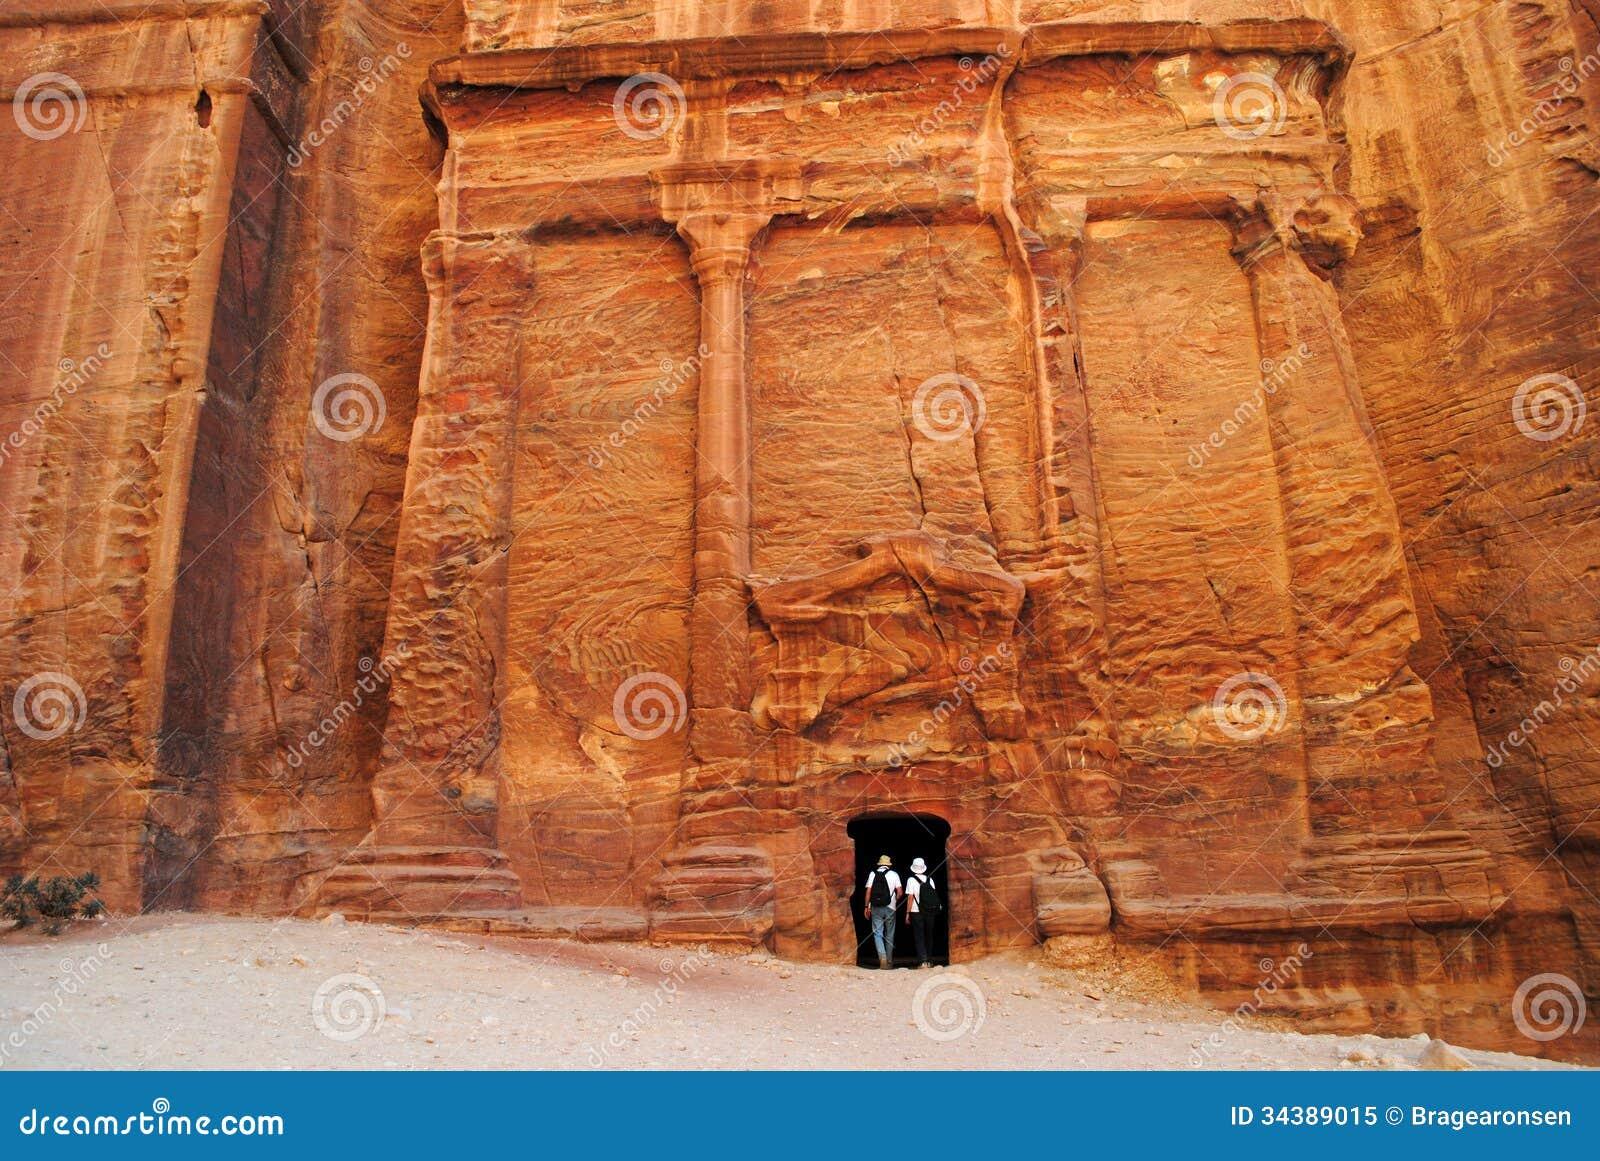 De verloren stad van Petra, Jordanië